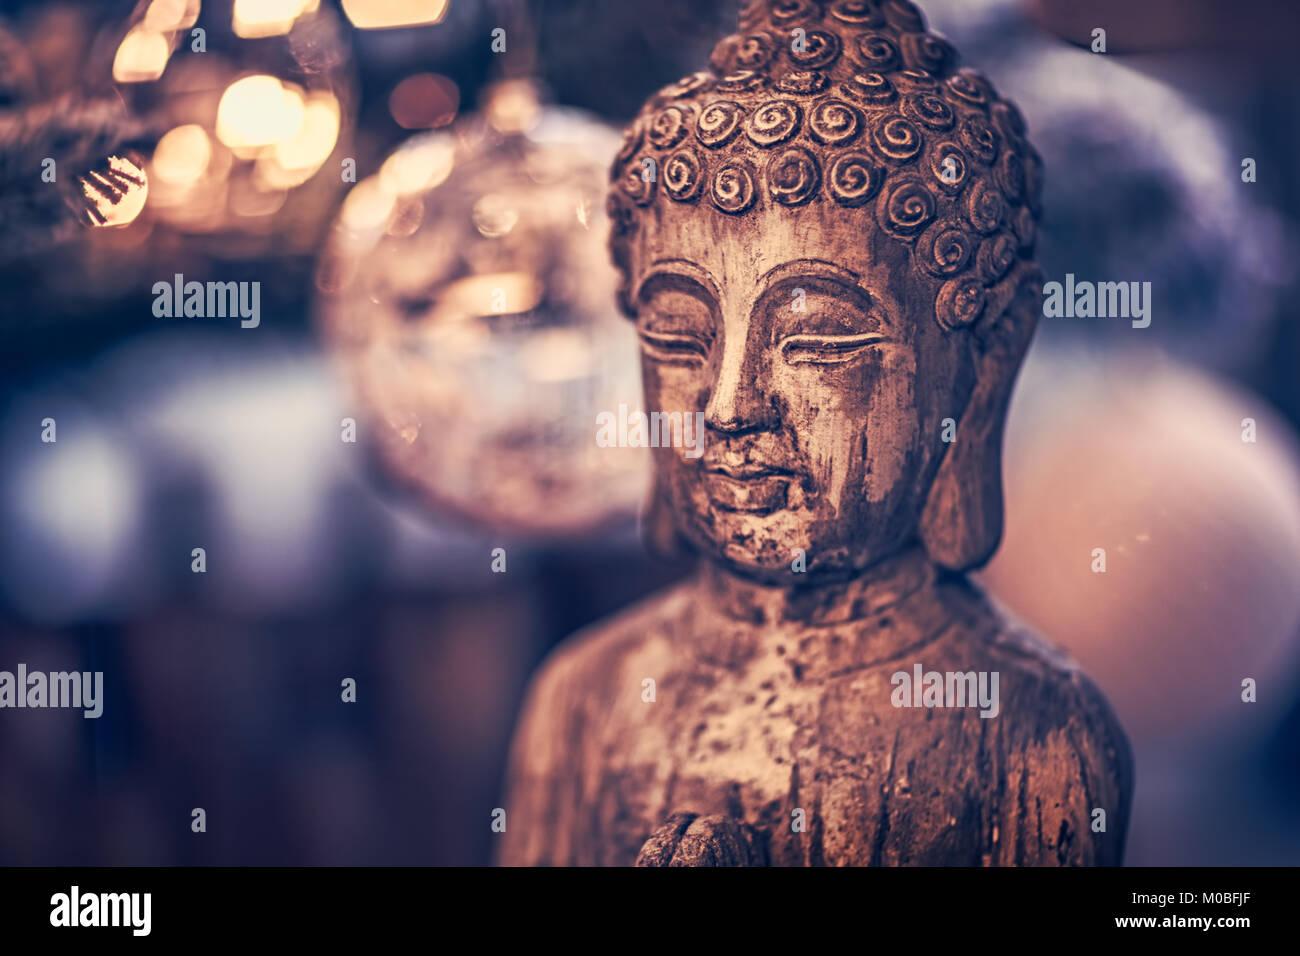 Estilo Vintage foto de la estatua de madera de Buda, Dios de religiones orientales, Imagen conceptual de la meditación, Imagen De Stock